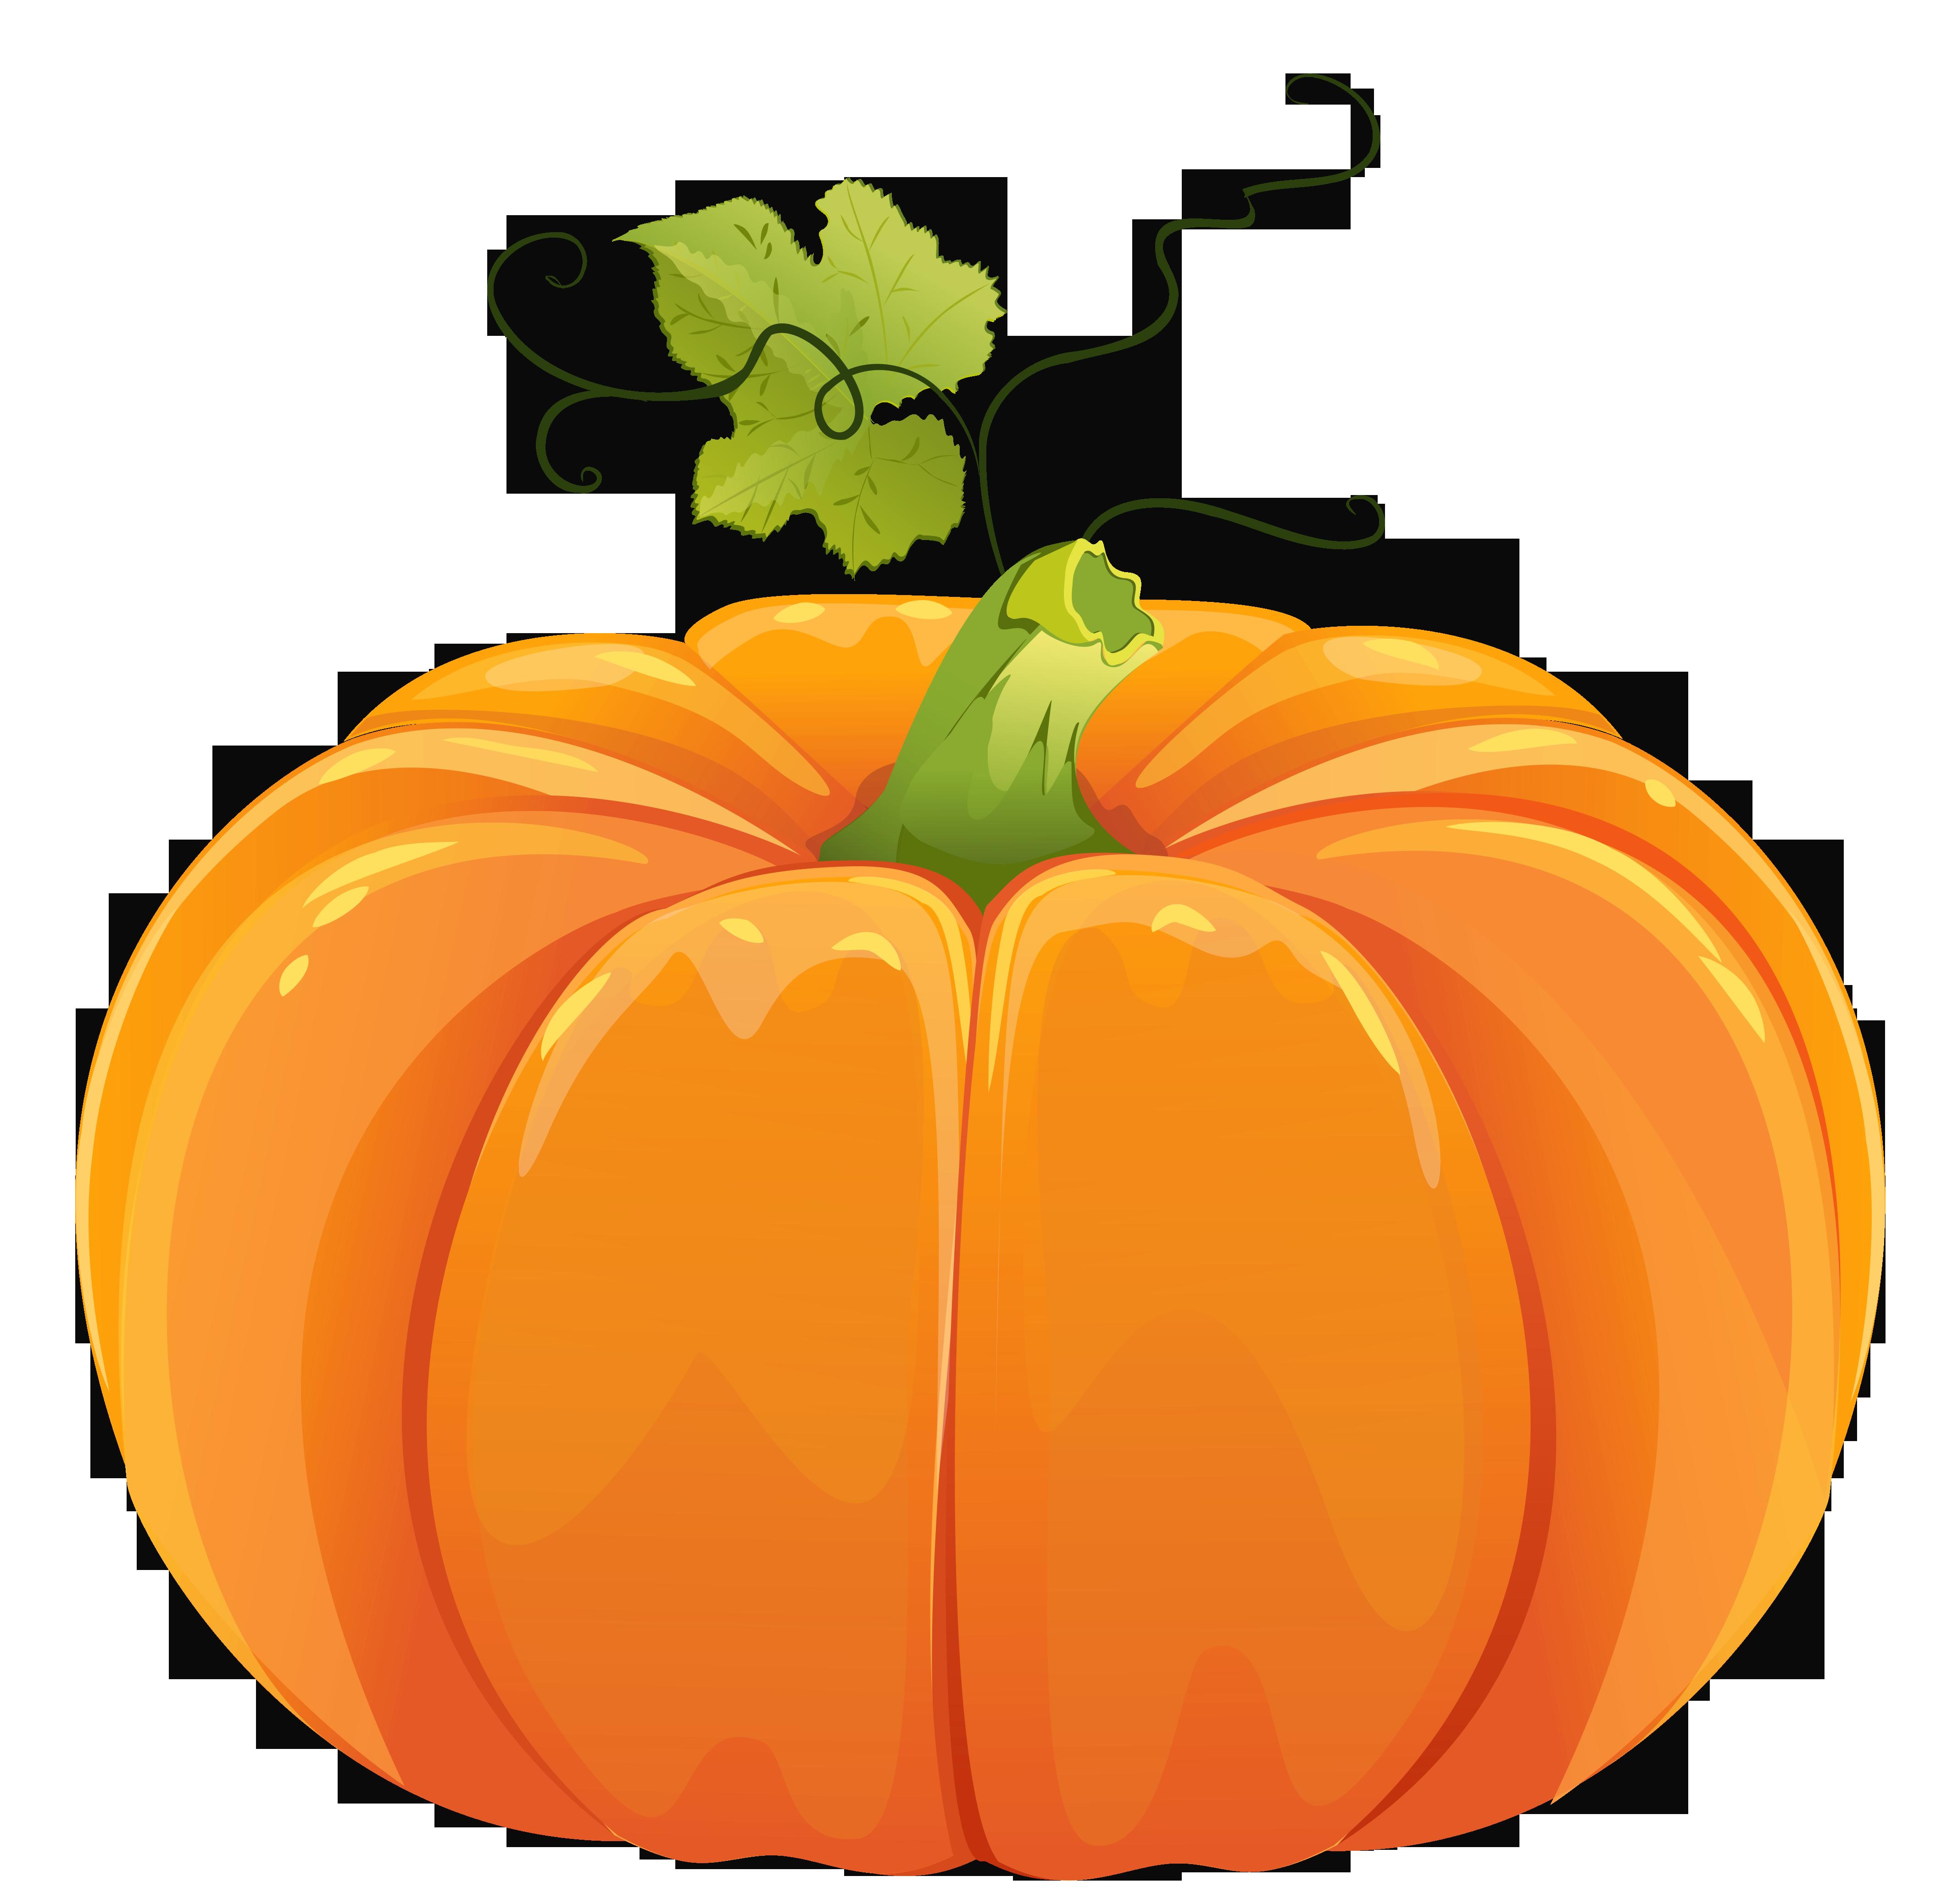 ... Pumpkin Free Clipart; Clip art pumpkin ...